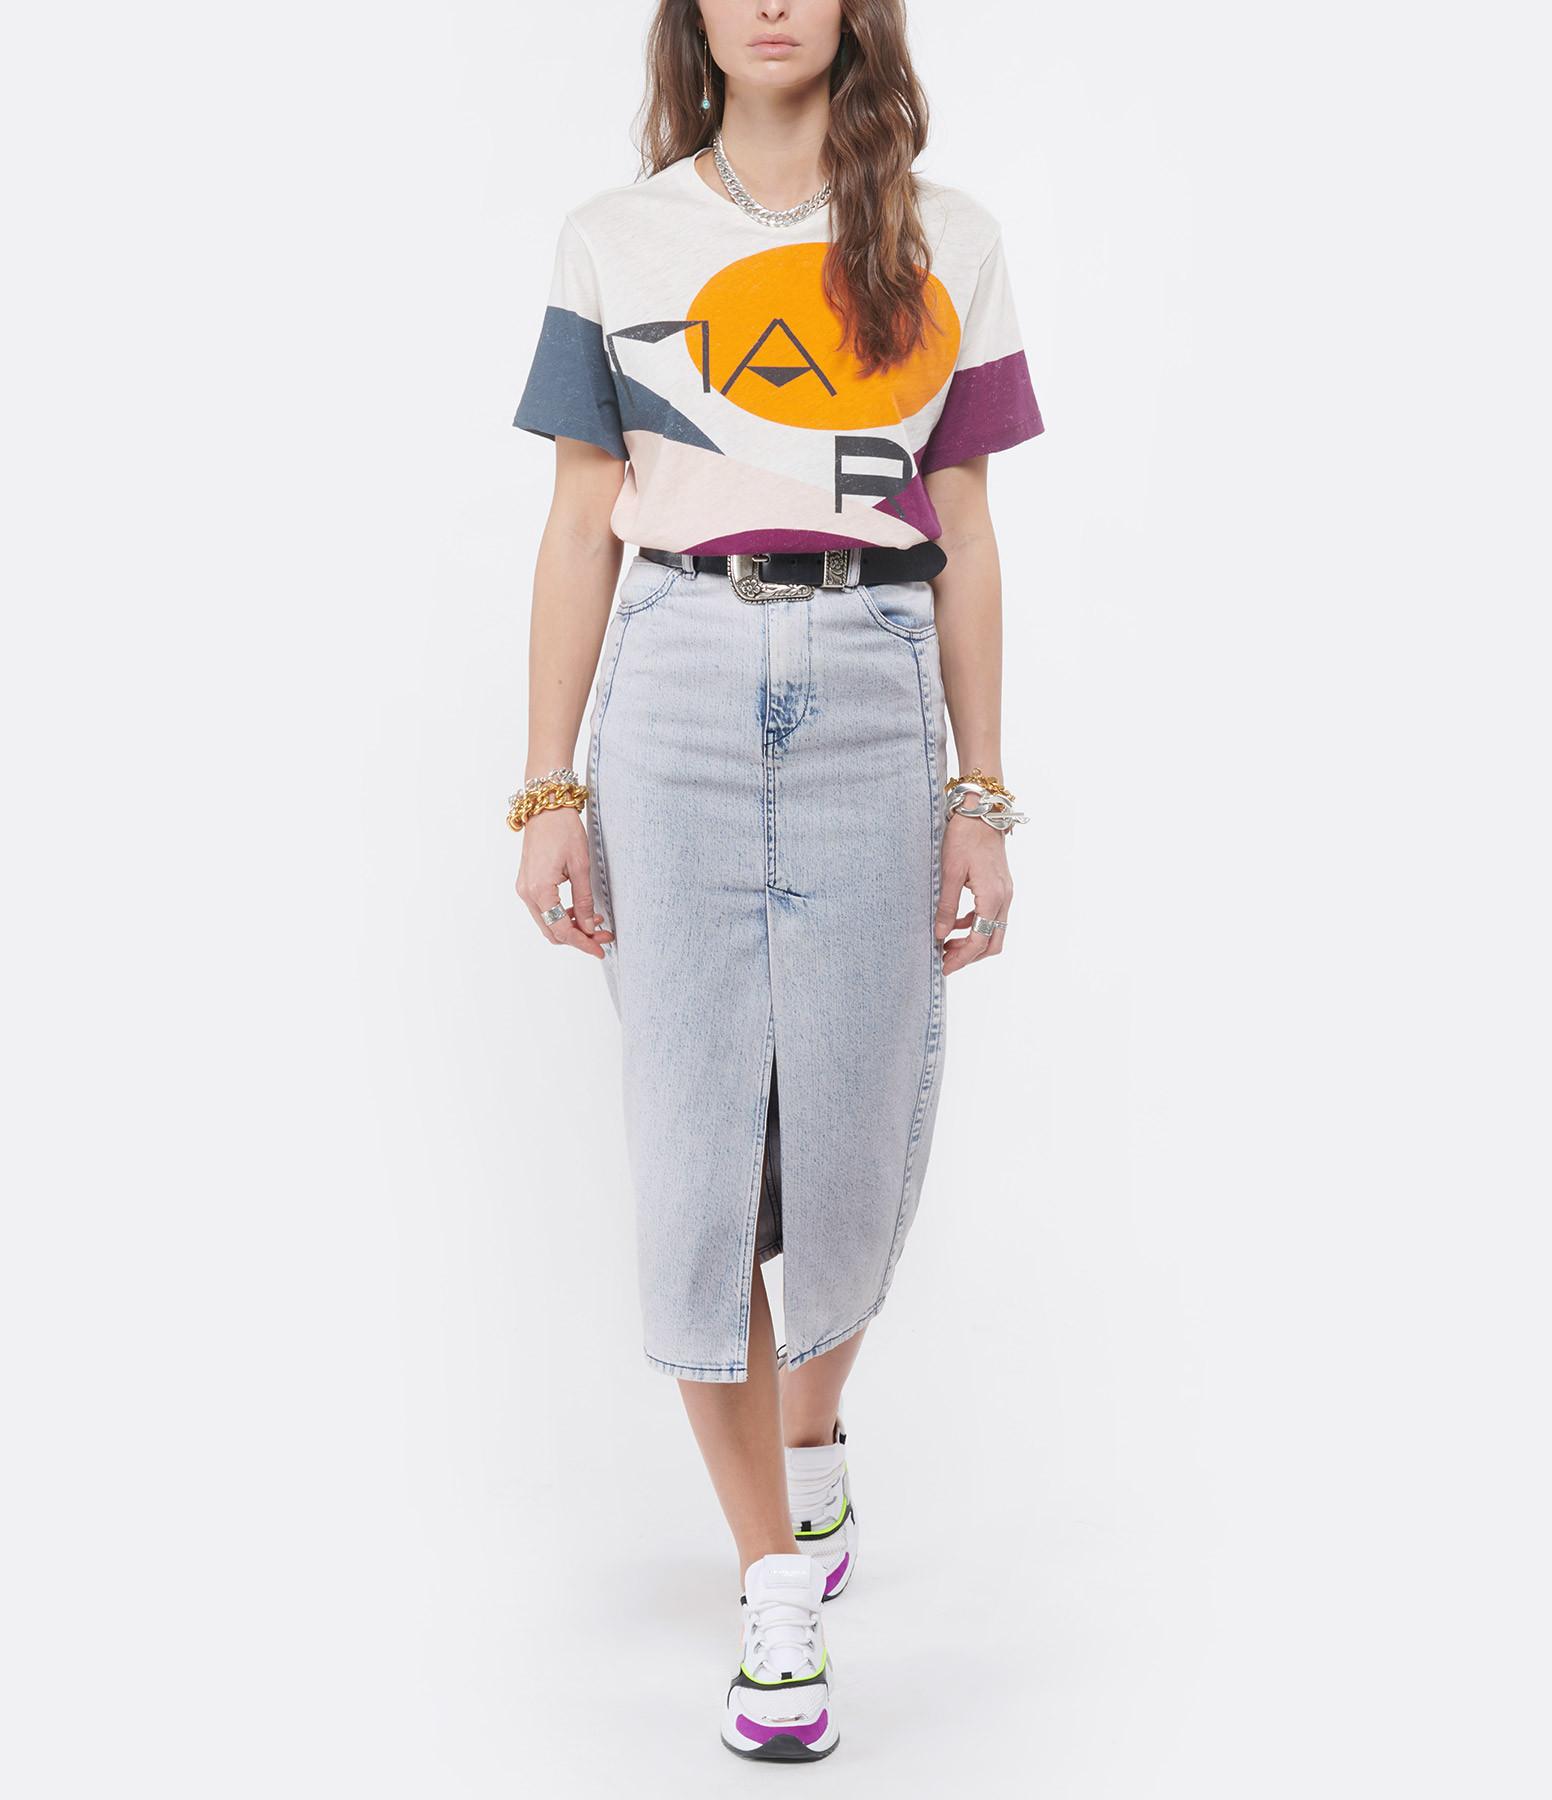 ISABEL MARANT - Tee-shirt Zewel Coton Imprimé Pétrole